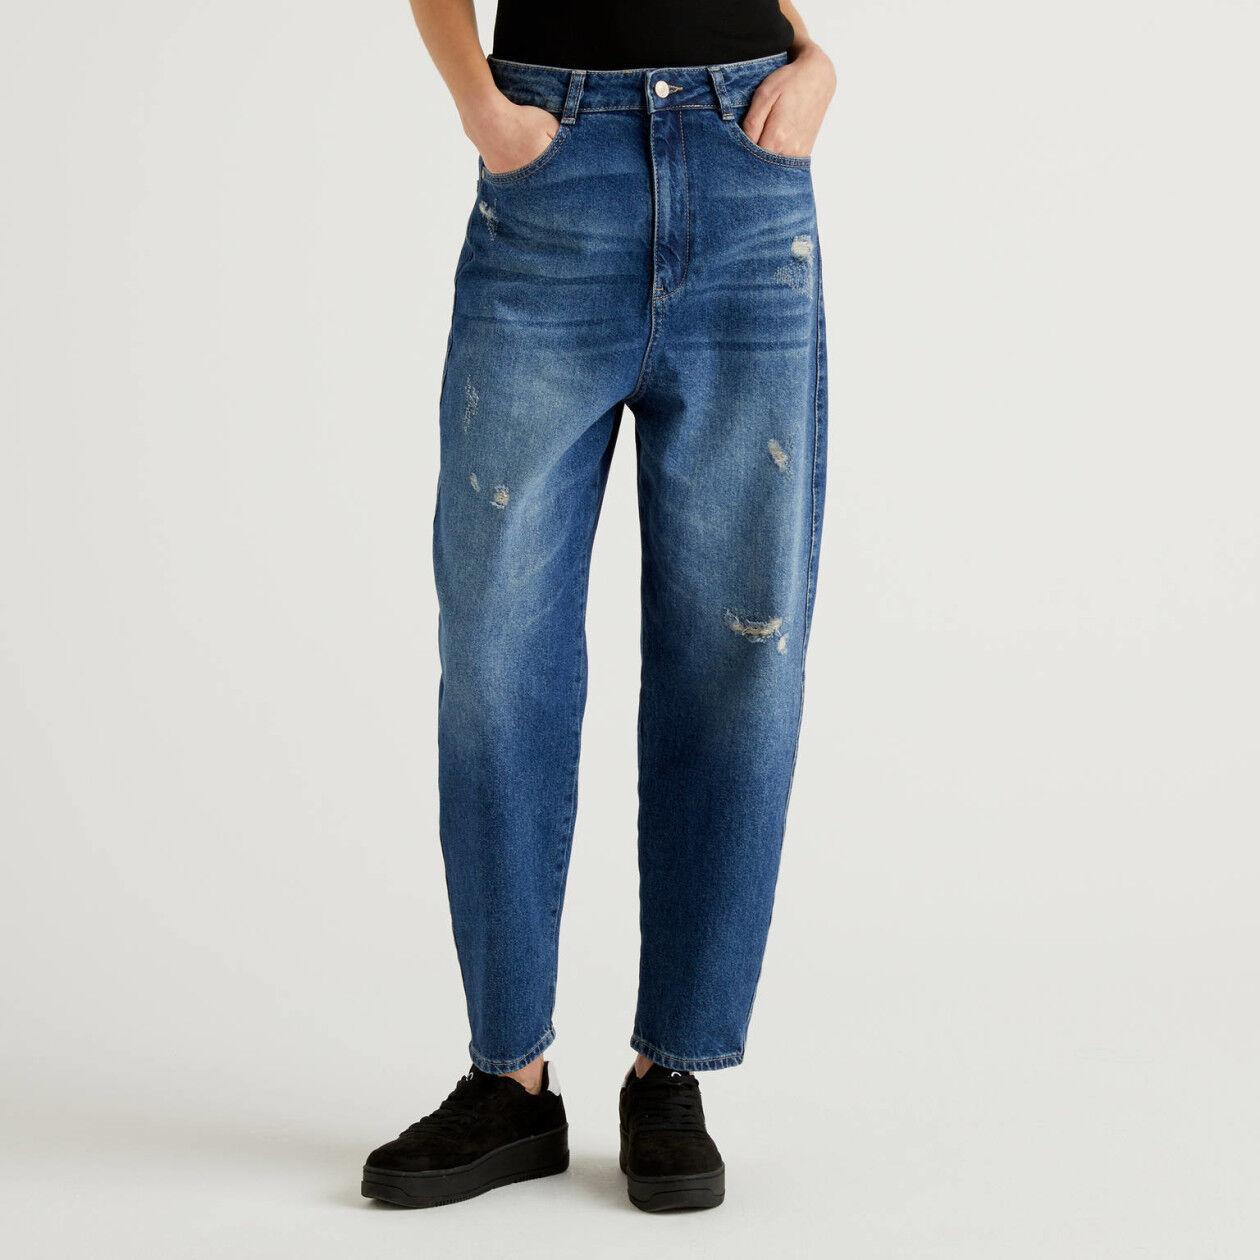 Jeans im Carrot Fit aus Denim in 100% Baumwolle